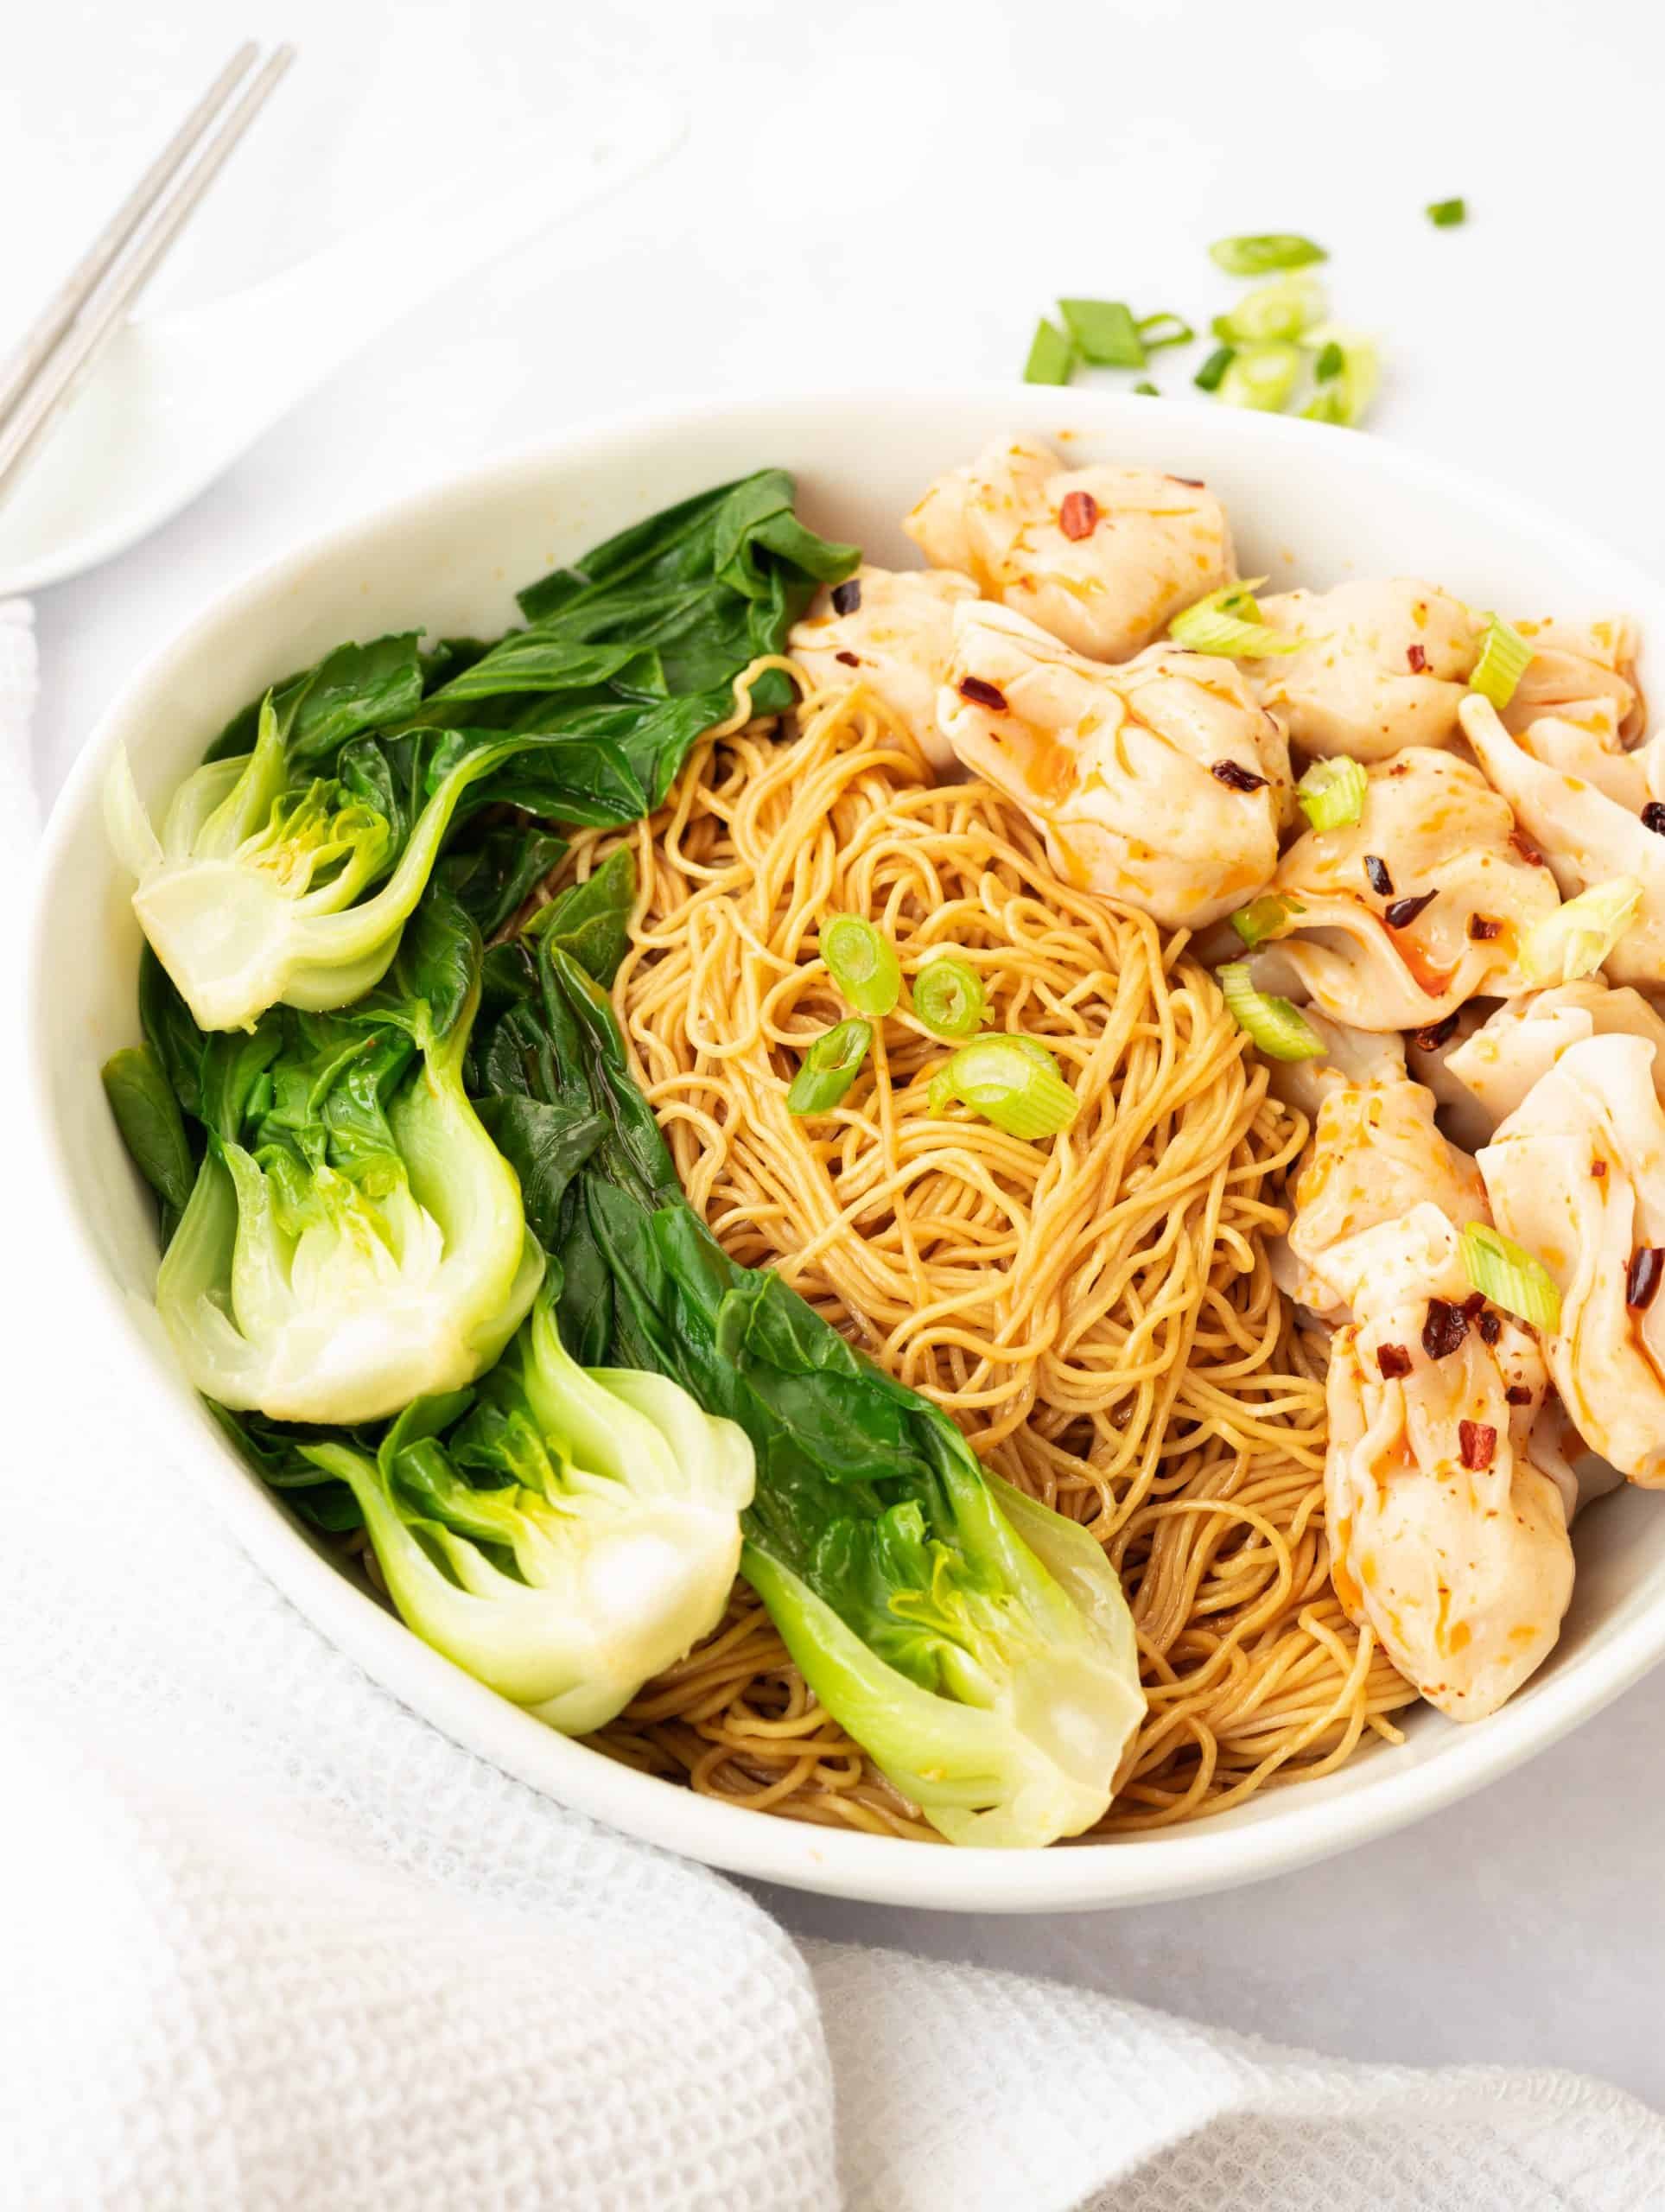 Dry Wonton Noodles